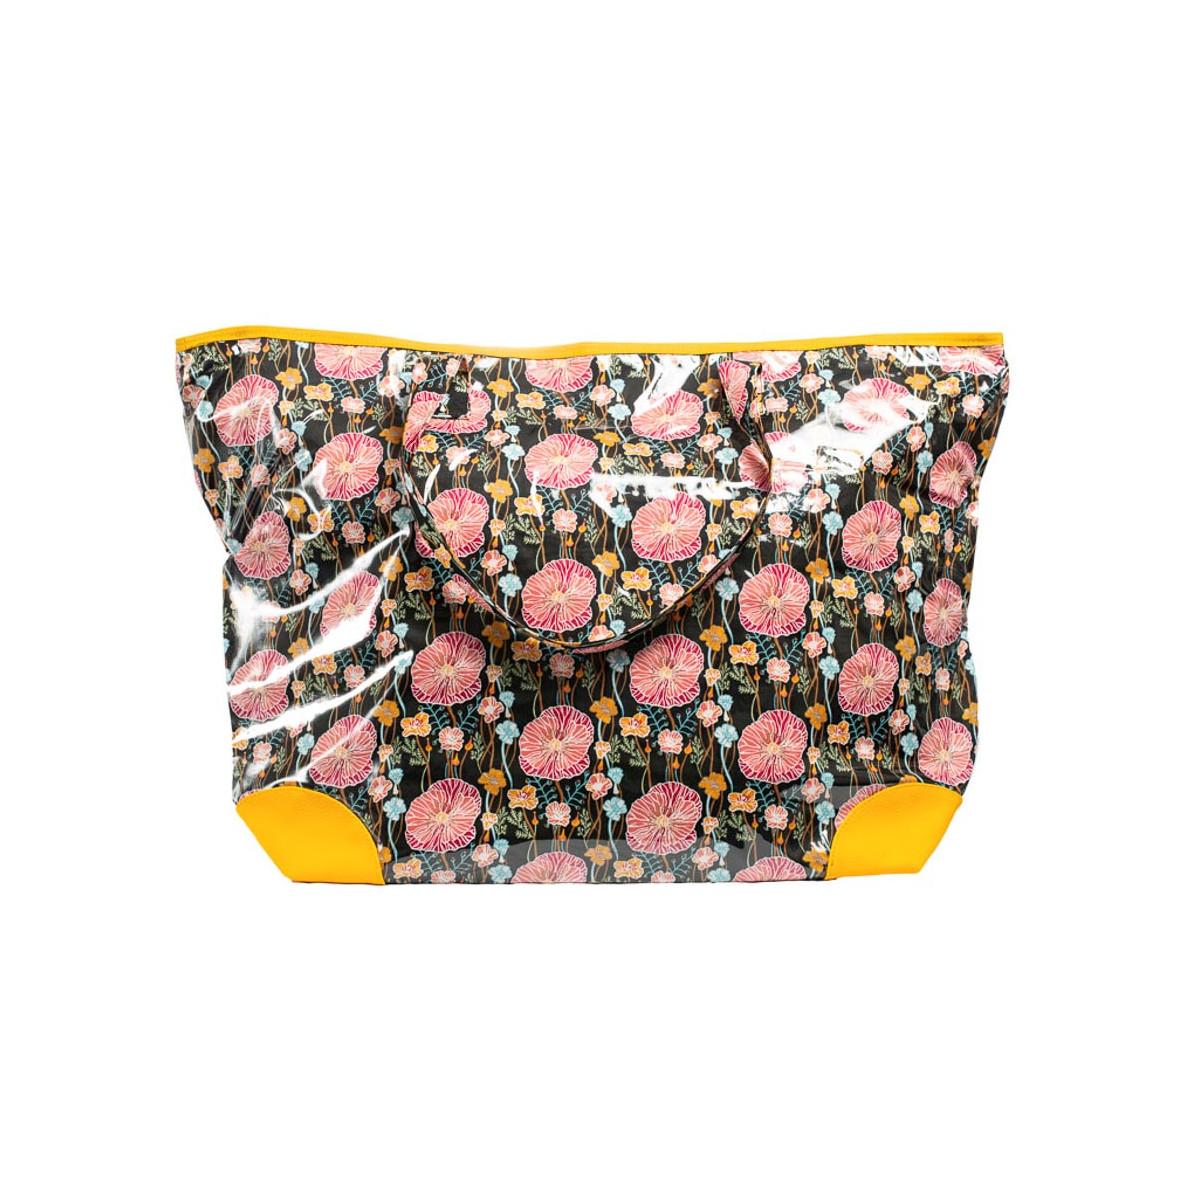 Grand sac cabas étanche tissu noir et jaune avec coquelicot